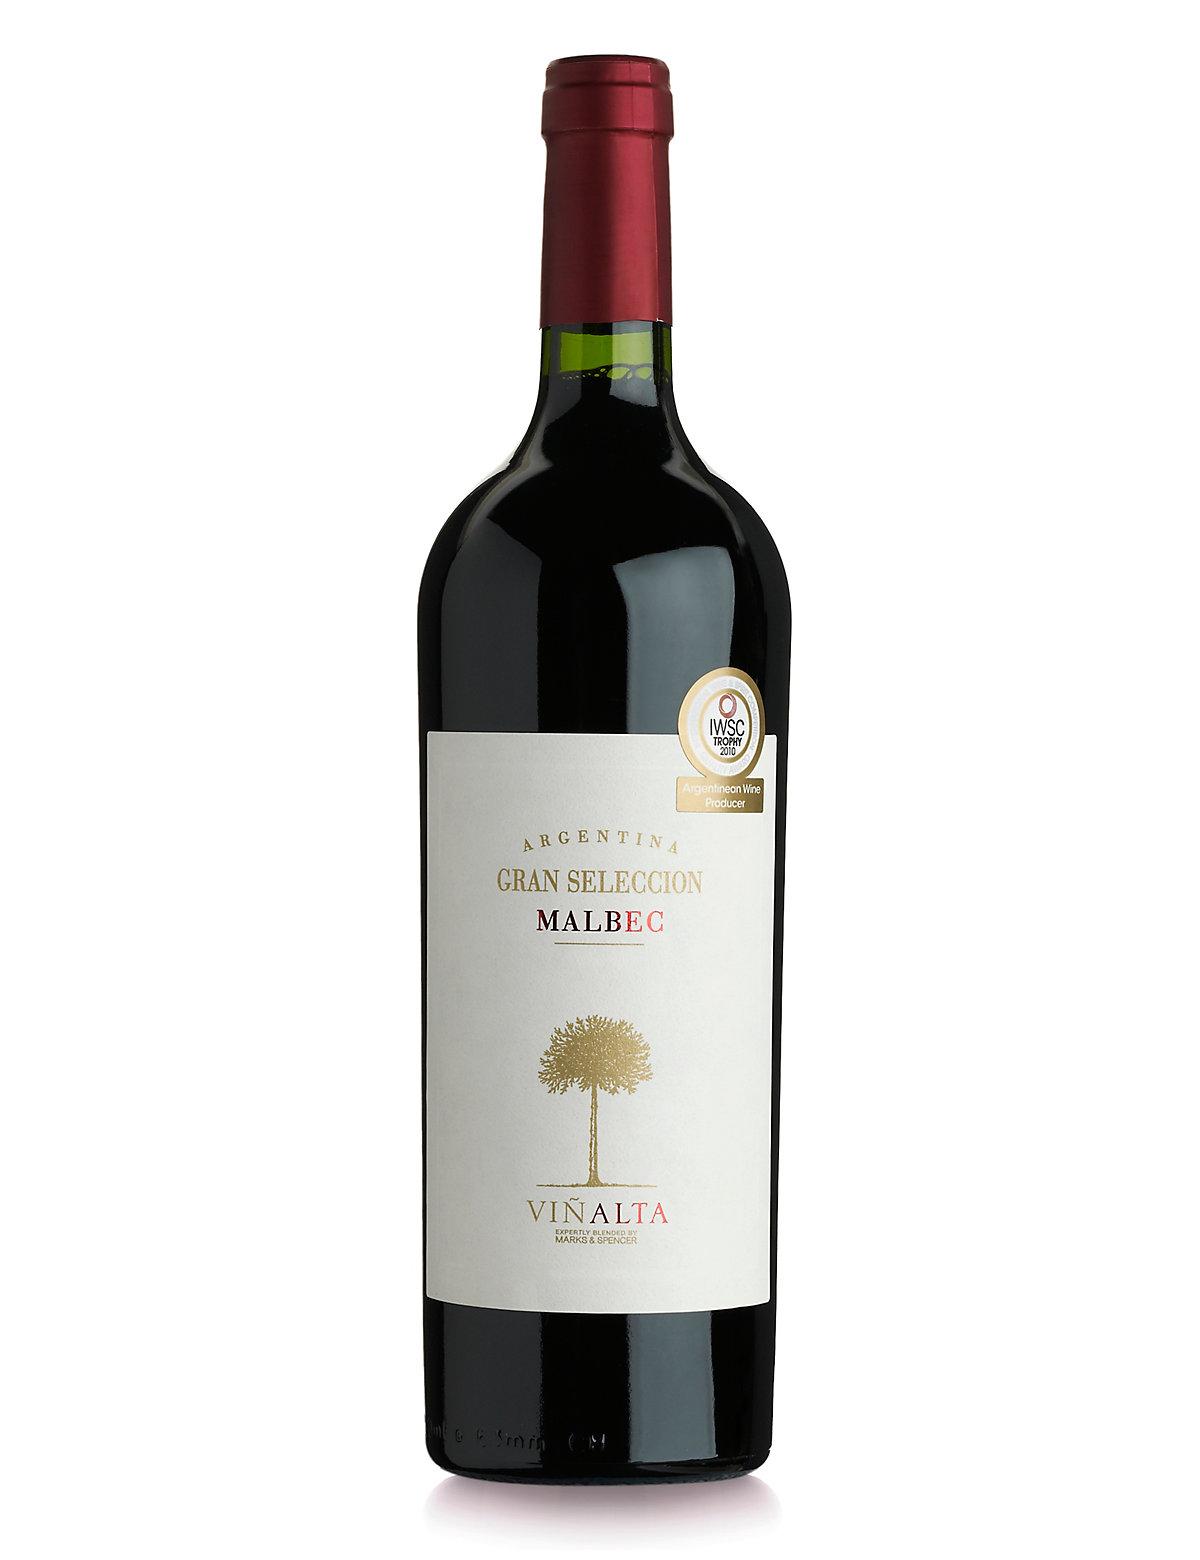 Best wine deals online uk